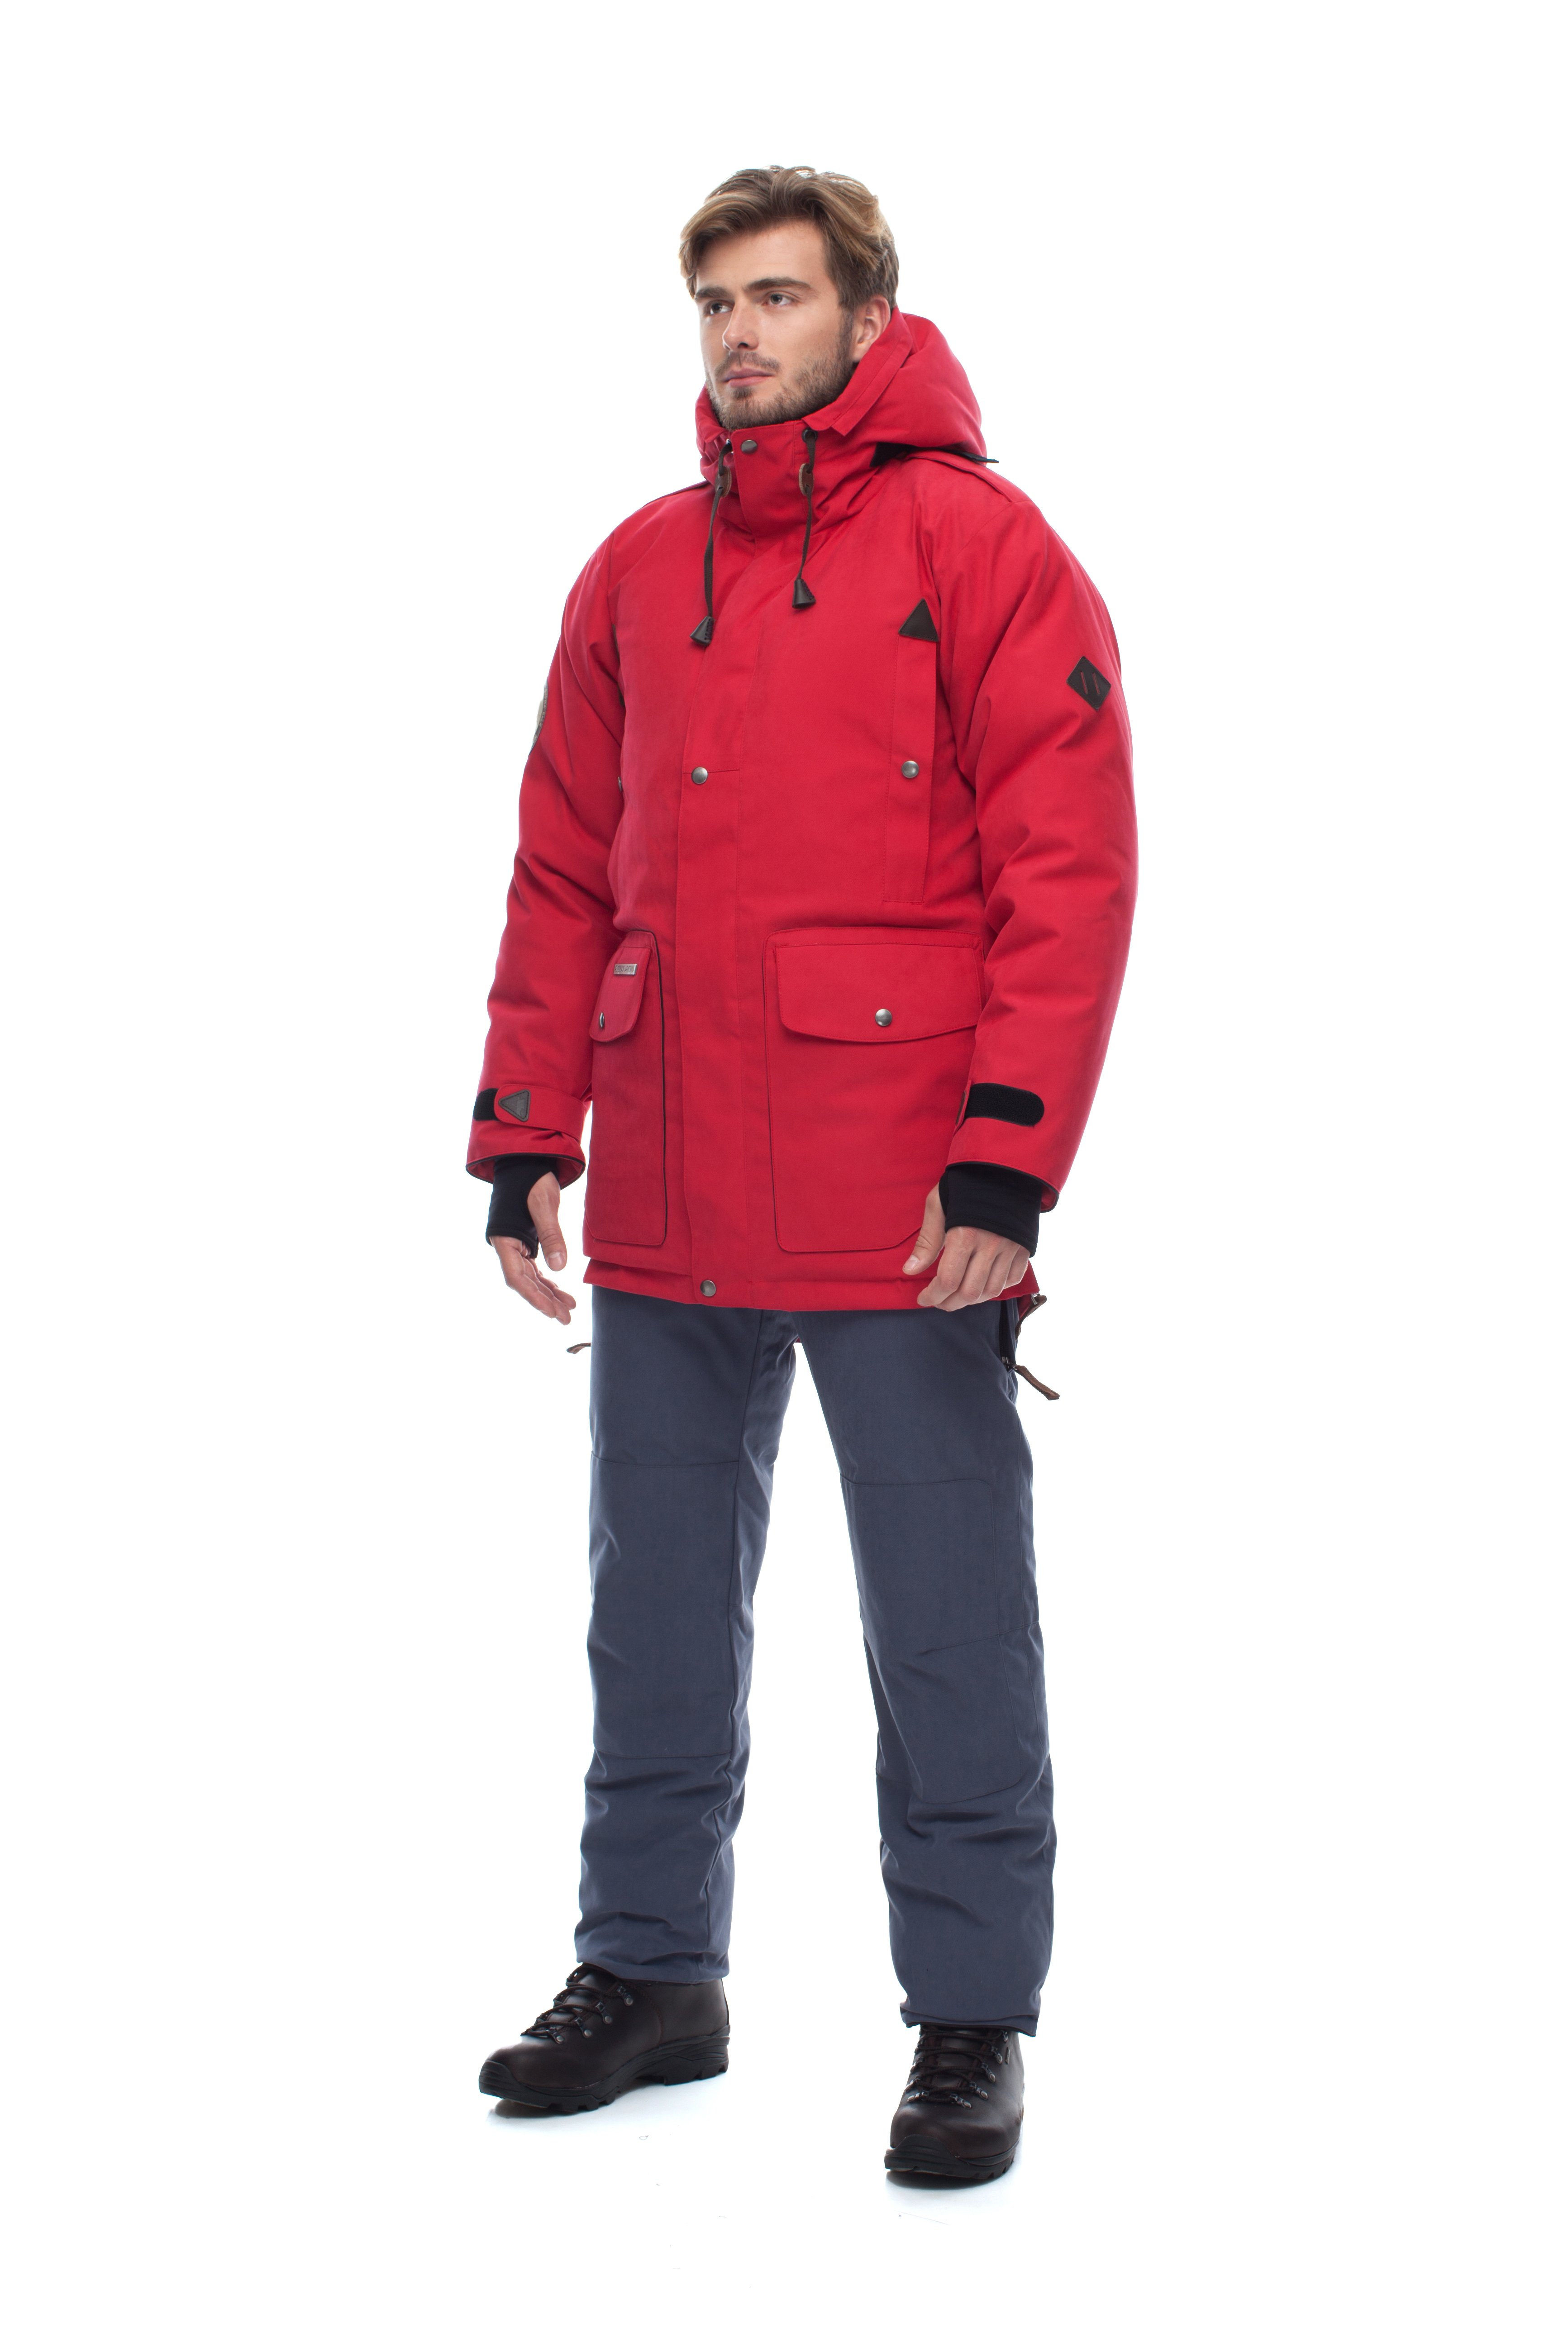 Куртка BASK SHL YENISEY 1473Теплая мужская парка c синтетическим утеплителем премиум класса Shelter&amp;reg;Sport.&amp;nbsp;<br><br>&quot;Дышащие&quot; свойства: Да<br>Верхняя ткань: Advance® Alaska<br>Вес граммы: 1680<br>Вес утеплителя: 400<br>Ветро-влагозащитные свойства верхней ткани: Да<br>Ветрозащитная планка: Да<br>Ветрозащитная юбка: Нет<br>Влагозащитные молнии: Нет<br>Внутренние манжеты: Да<br>Внутренняя ткань: Advance® Classic<br>Водонепроницаемость: 5000<br>Дублирующий центральную молнию клапан: Да<br>Защитный козырёк капюшона: Нет<br>Капюшон: Несъемный<br>Карман для средств связи: Нет<br>Количество внешних карманов: 8<br>Количество внутренних карманов: 2<br>Коллекция: Pole to Pole<br>Мембрана: Да<br>Объемный крой локтевой зоны: Нет<br>Отстёгивающиеся рукава: Нет<br>Паропроницаемость: 5000<br>Пол: Мужской<br>Проклейка швов: Нет<br>Регулировка манжетов рукавов: Да<br>Регулировка низа: Нет<br>Регулировка объёма капюшона: Да<br>Регулировка талии: Да<br>Регулируемые вентиляционные отверстия: Нет<br>Световозвращающая лента: Нет<br>Температурный режим: -35<br>Технология Thermal Welding: Нет<br>Технология швов: Простые<br>Тип молнии: Двухзамковая<br>Тип утеплителя: Синтетический<br>Ткань усиления: Нет<br>Усиление контактных зон: Нет<br>Утеплитель: Shelter Sport®<br>Размер RU: 44<br>Цвет: ЧЕРНЫЙ